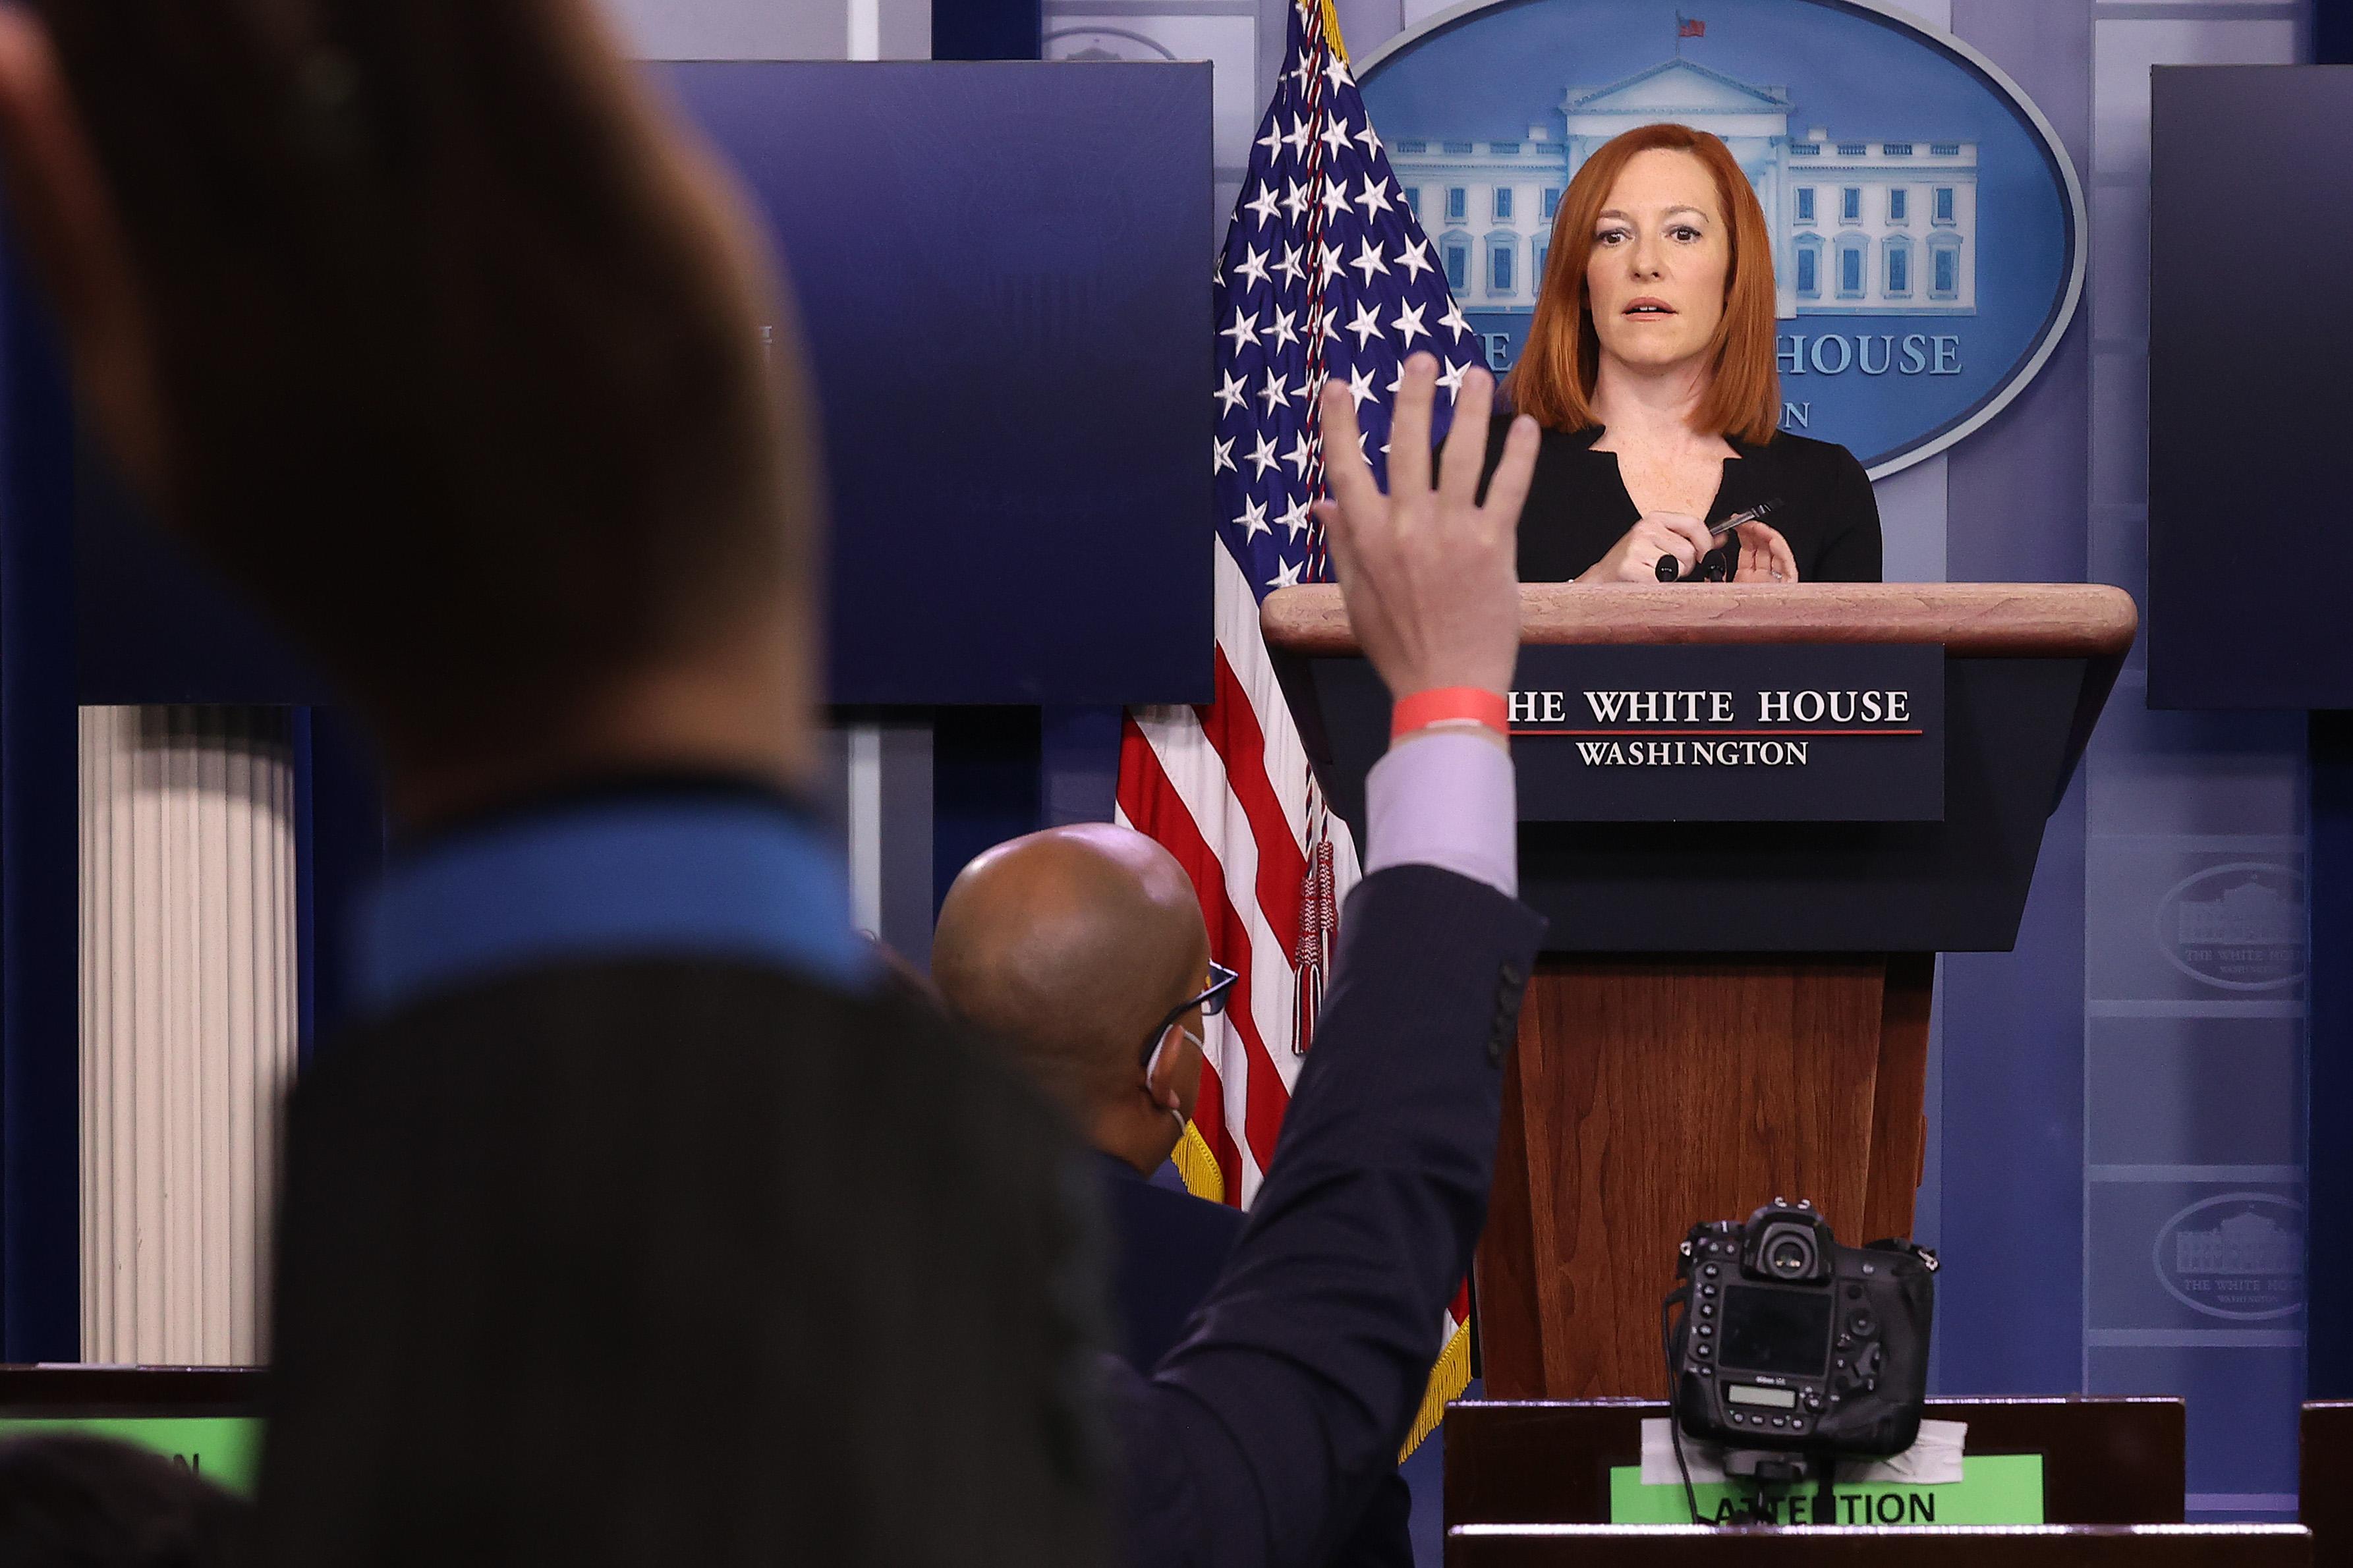 Kiakadtak a fehér házi tudósítók, mert Biden stábja előre elkérte a kérdéseiket